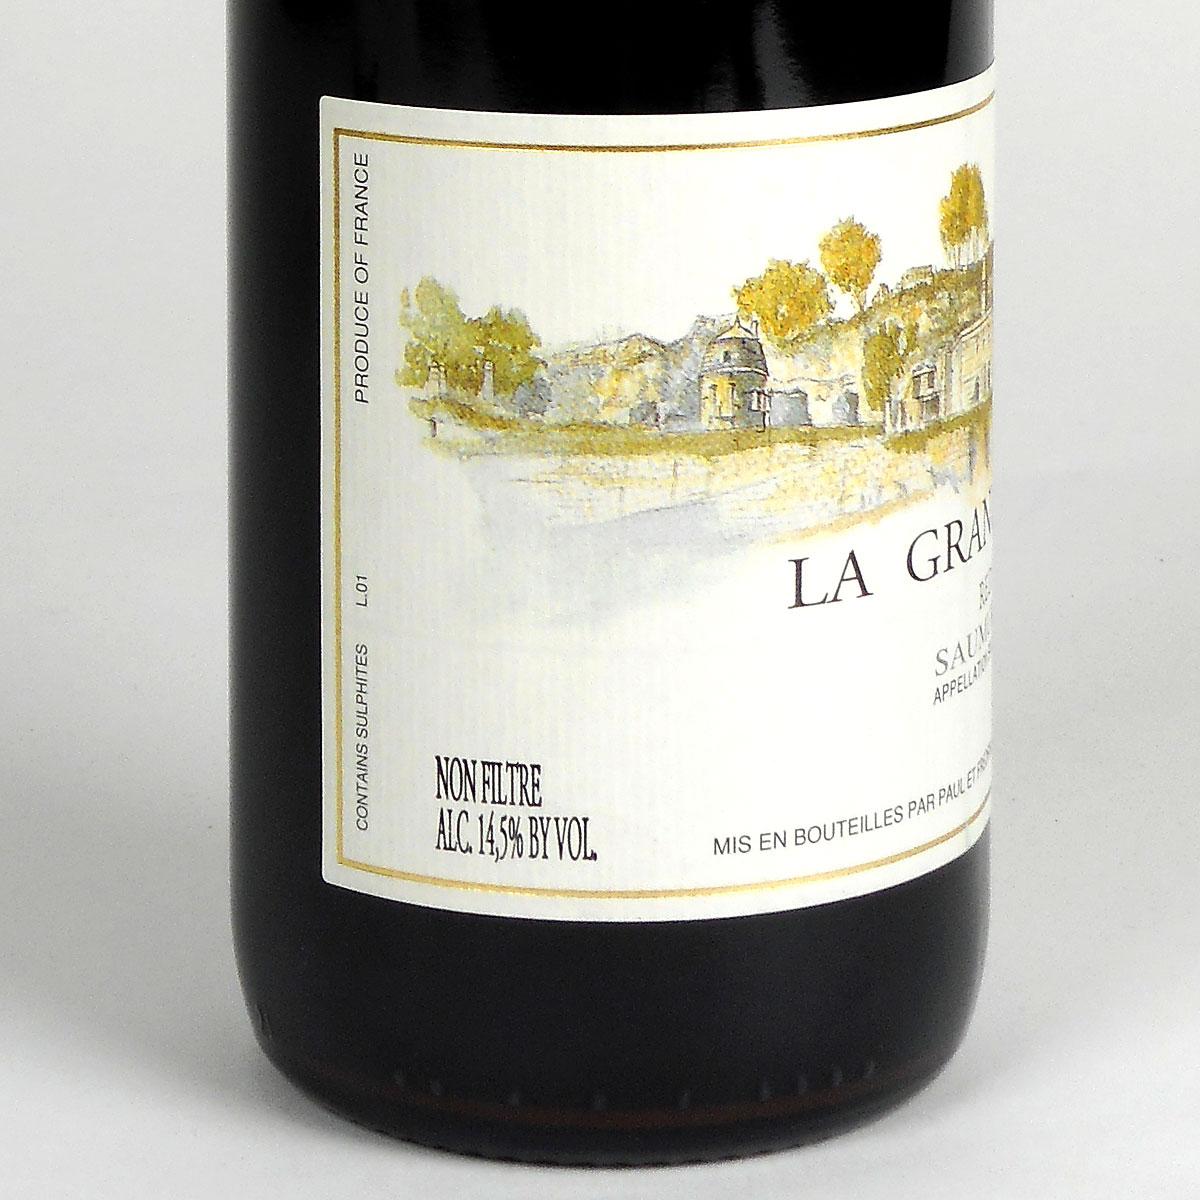 Saumur Champigny: Domaine Filliatreau 'La Grande Vignolle' 2019 - Bottle Side Label